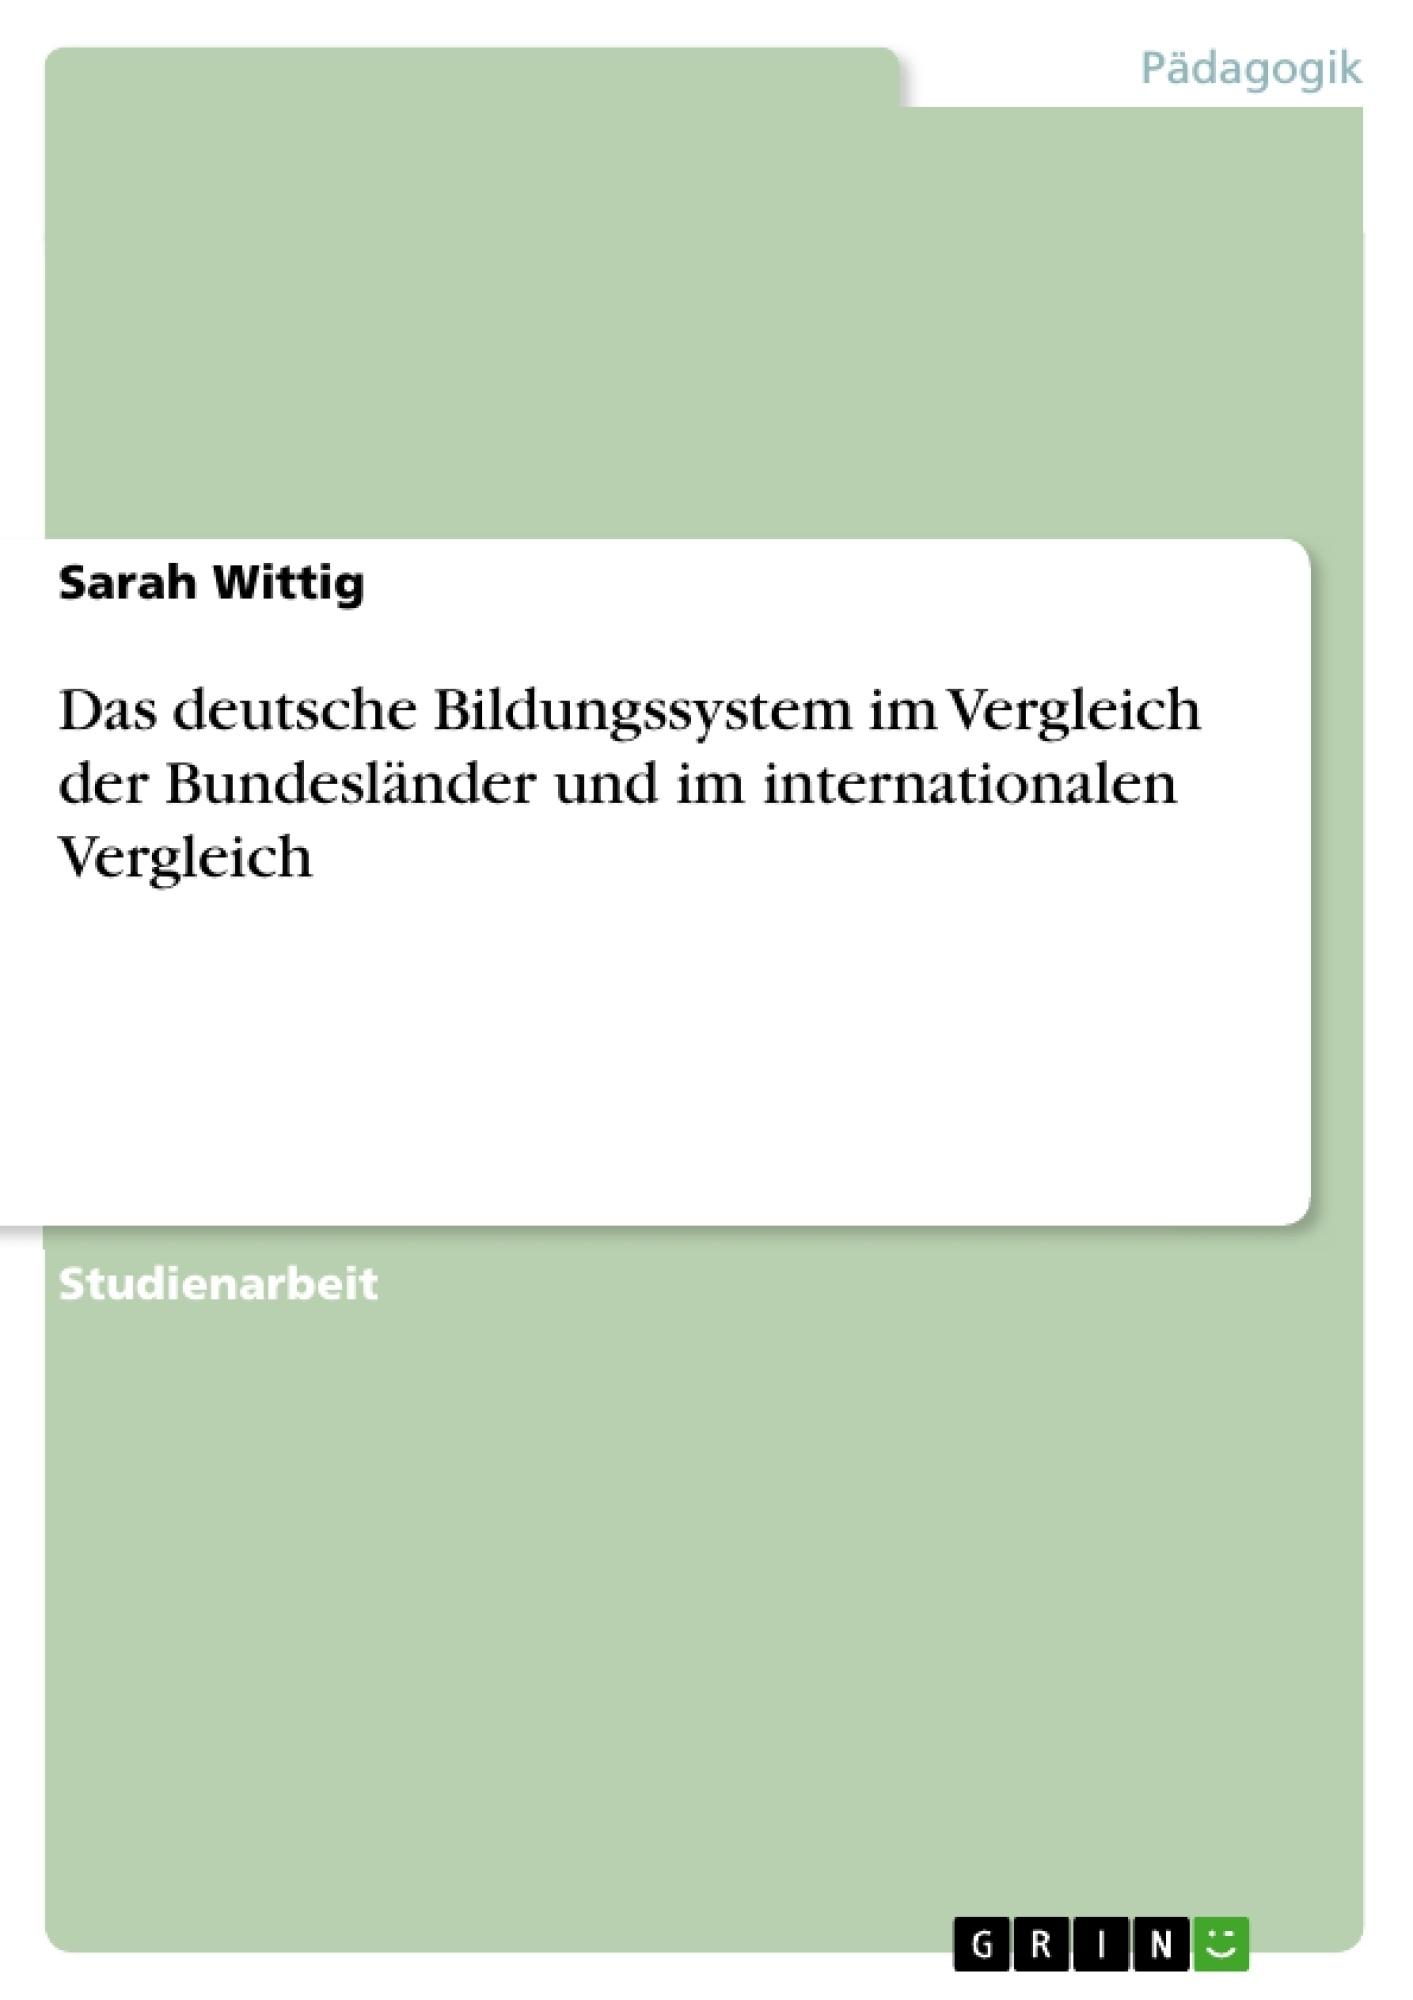 Titel: Das deutsche Bildungssystem im Vergleich der Bundesländer und im internationalen Vergleich